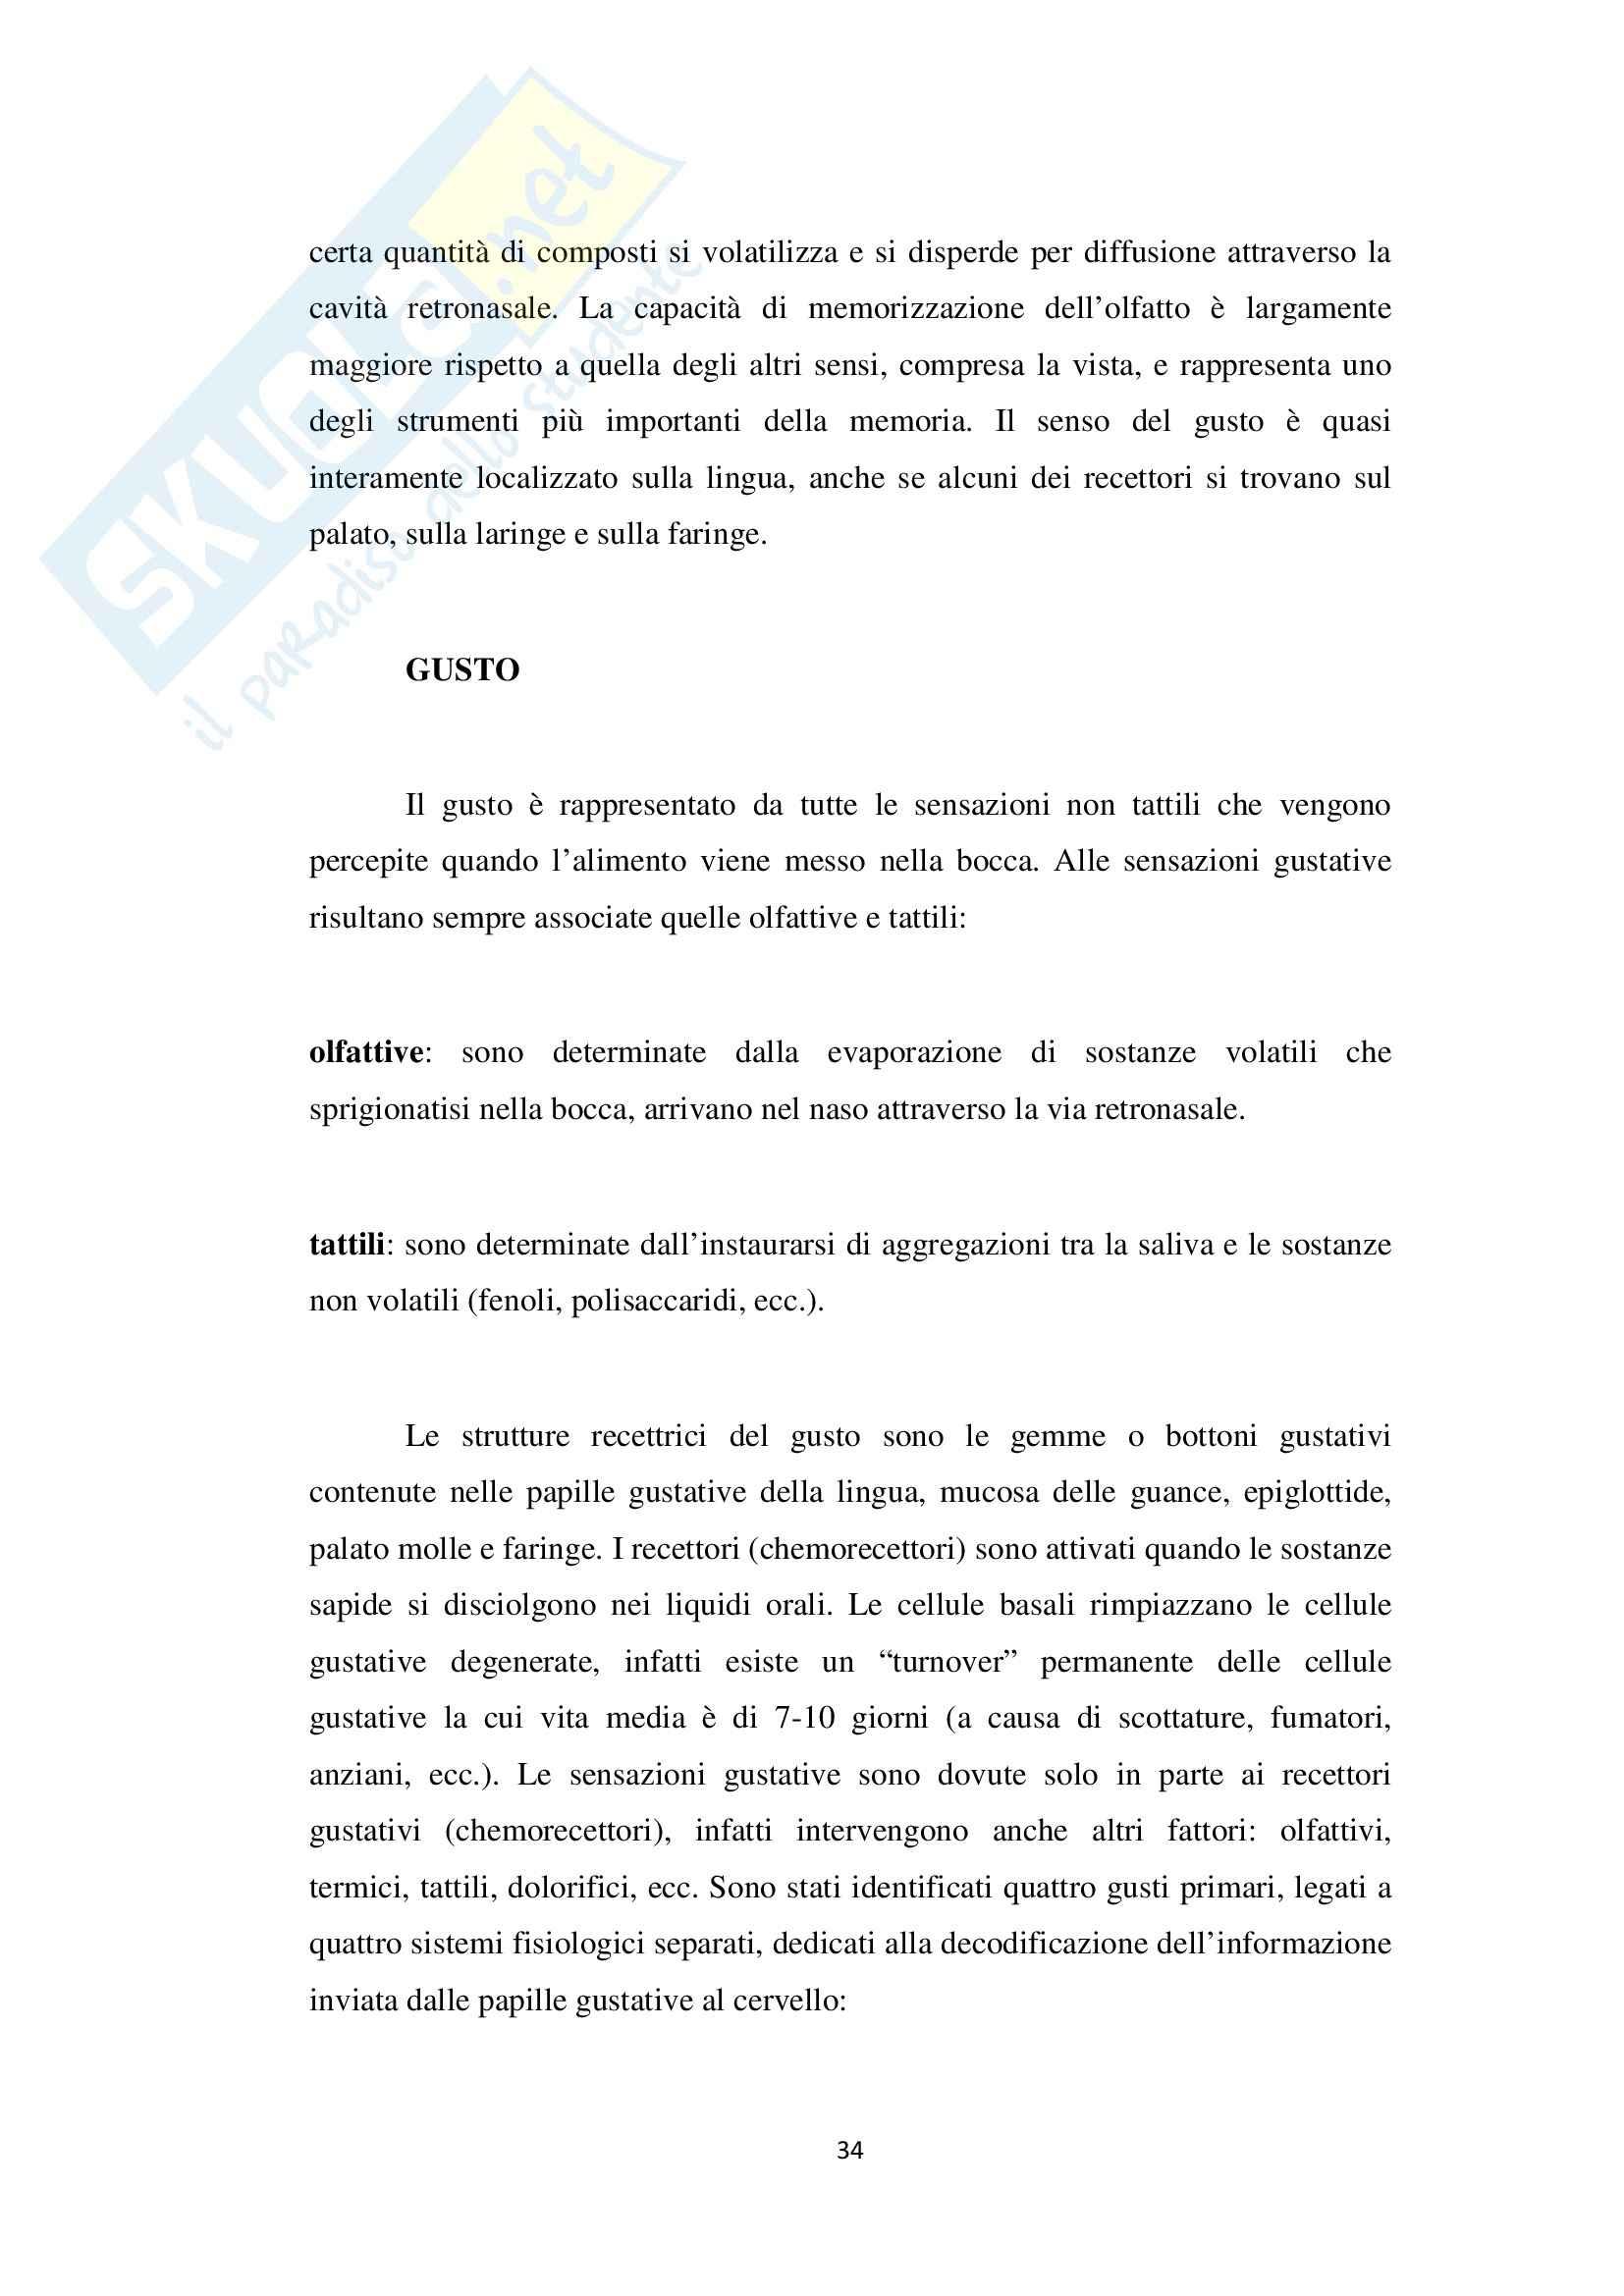 Valutazione sensoriale in prodotti di pasticceria artigianale freschi e surgelati, Analisi chimiche Pag. 36